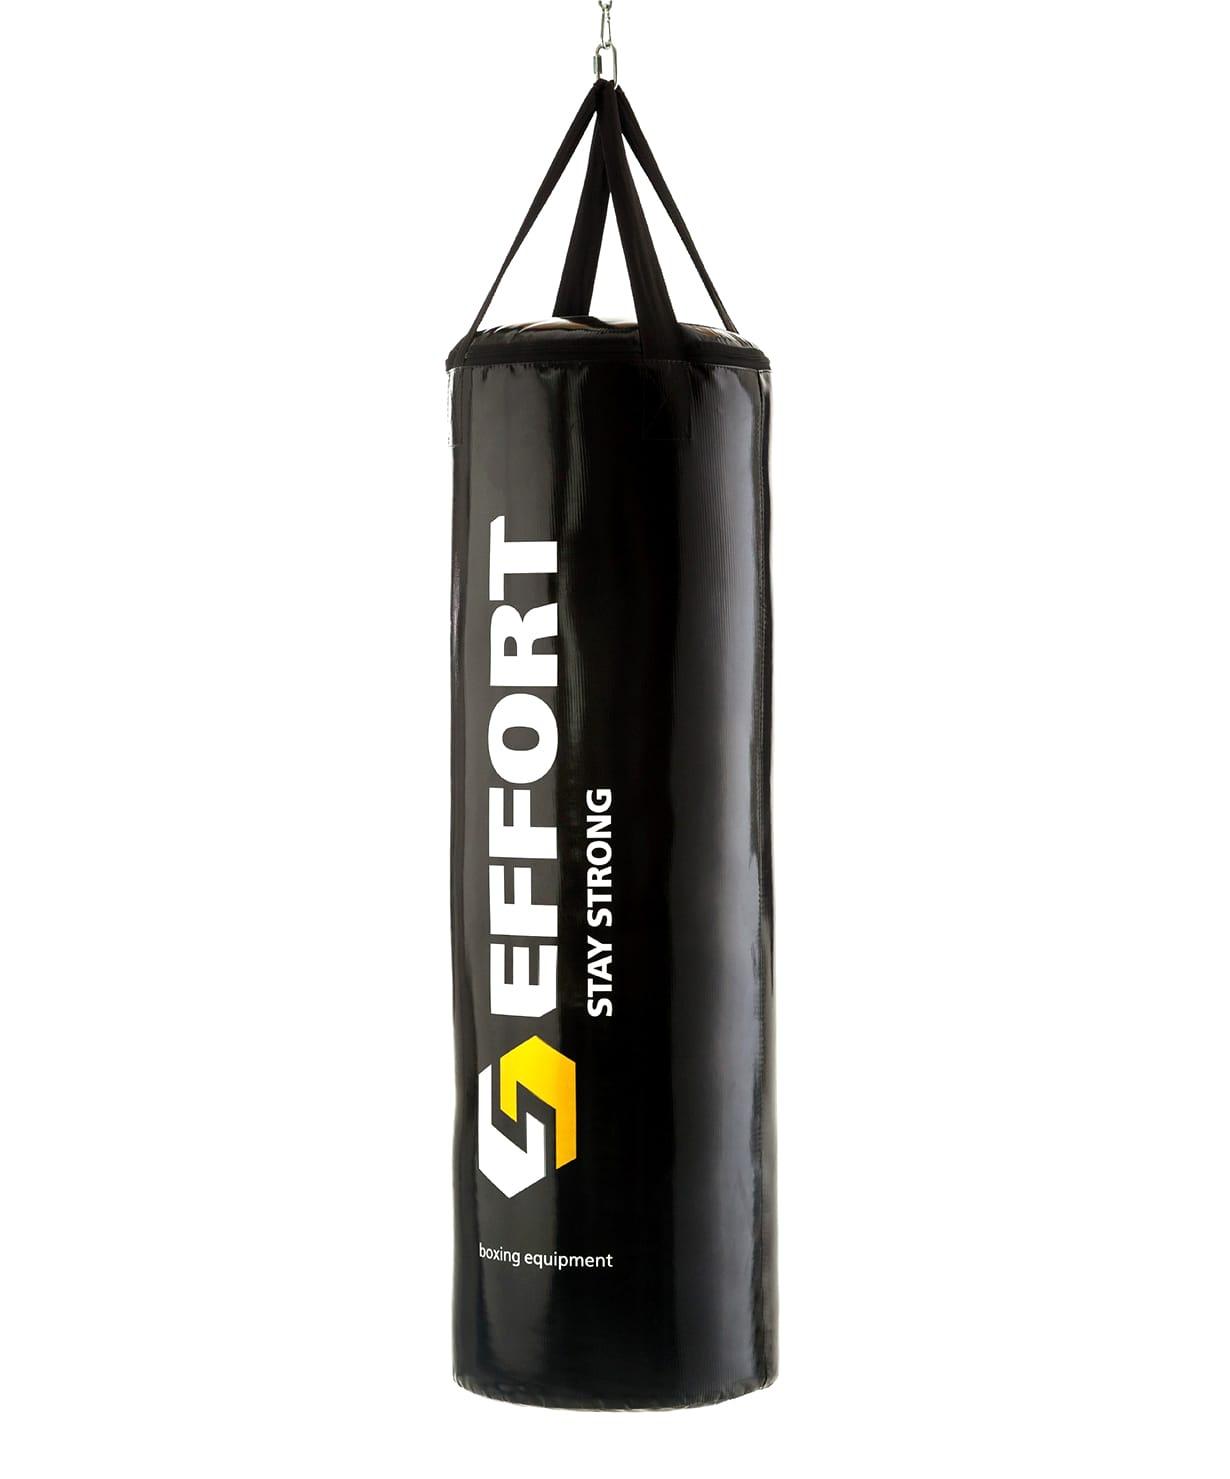 Мешок боксерский Effort E151, тент, 7 кг, черный